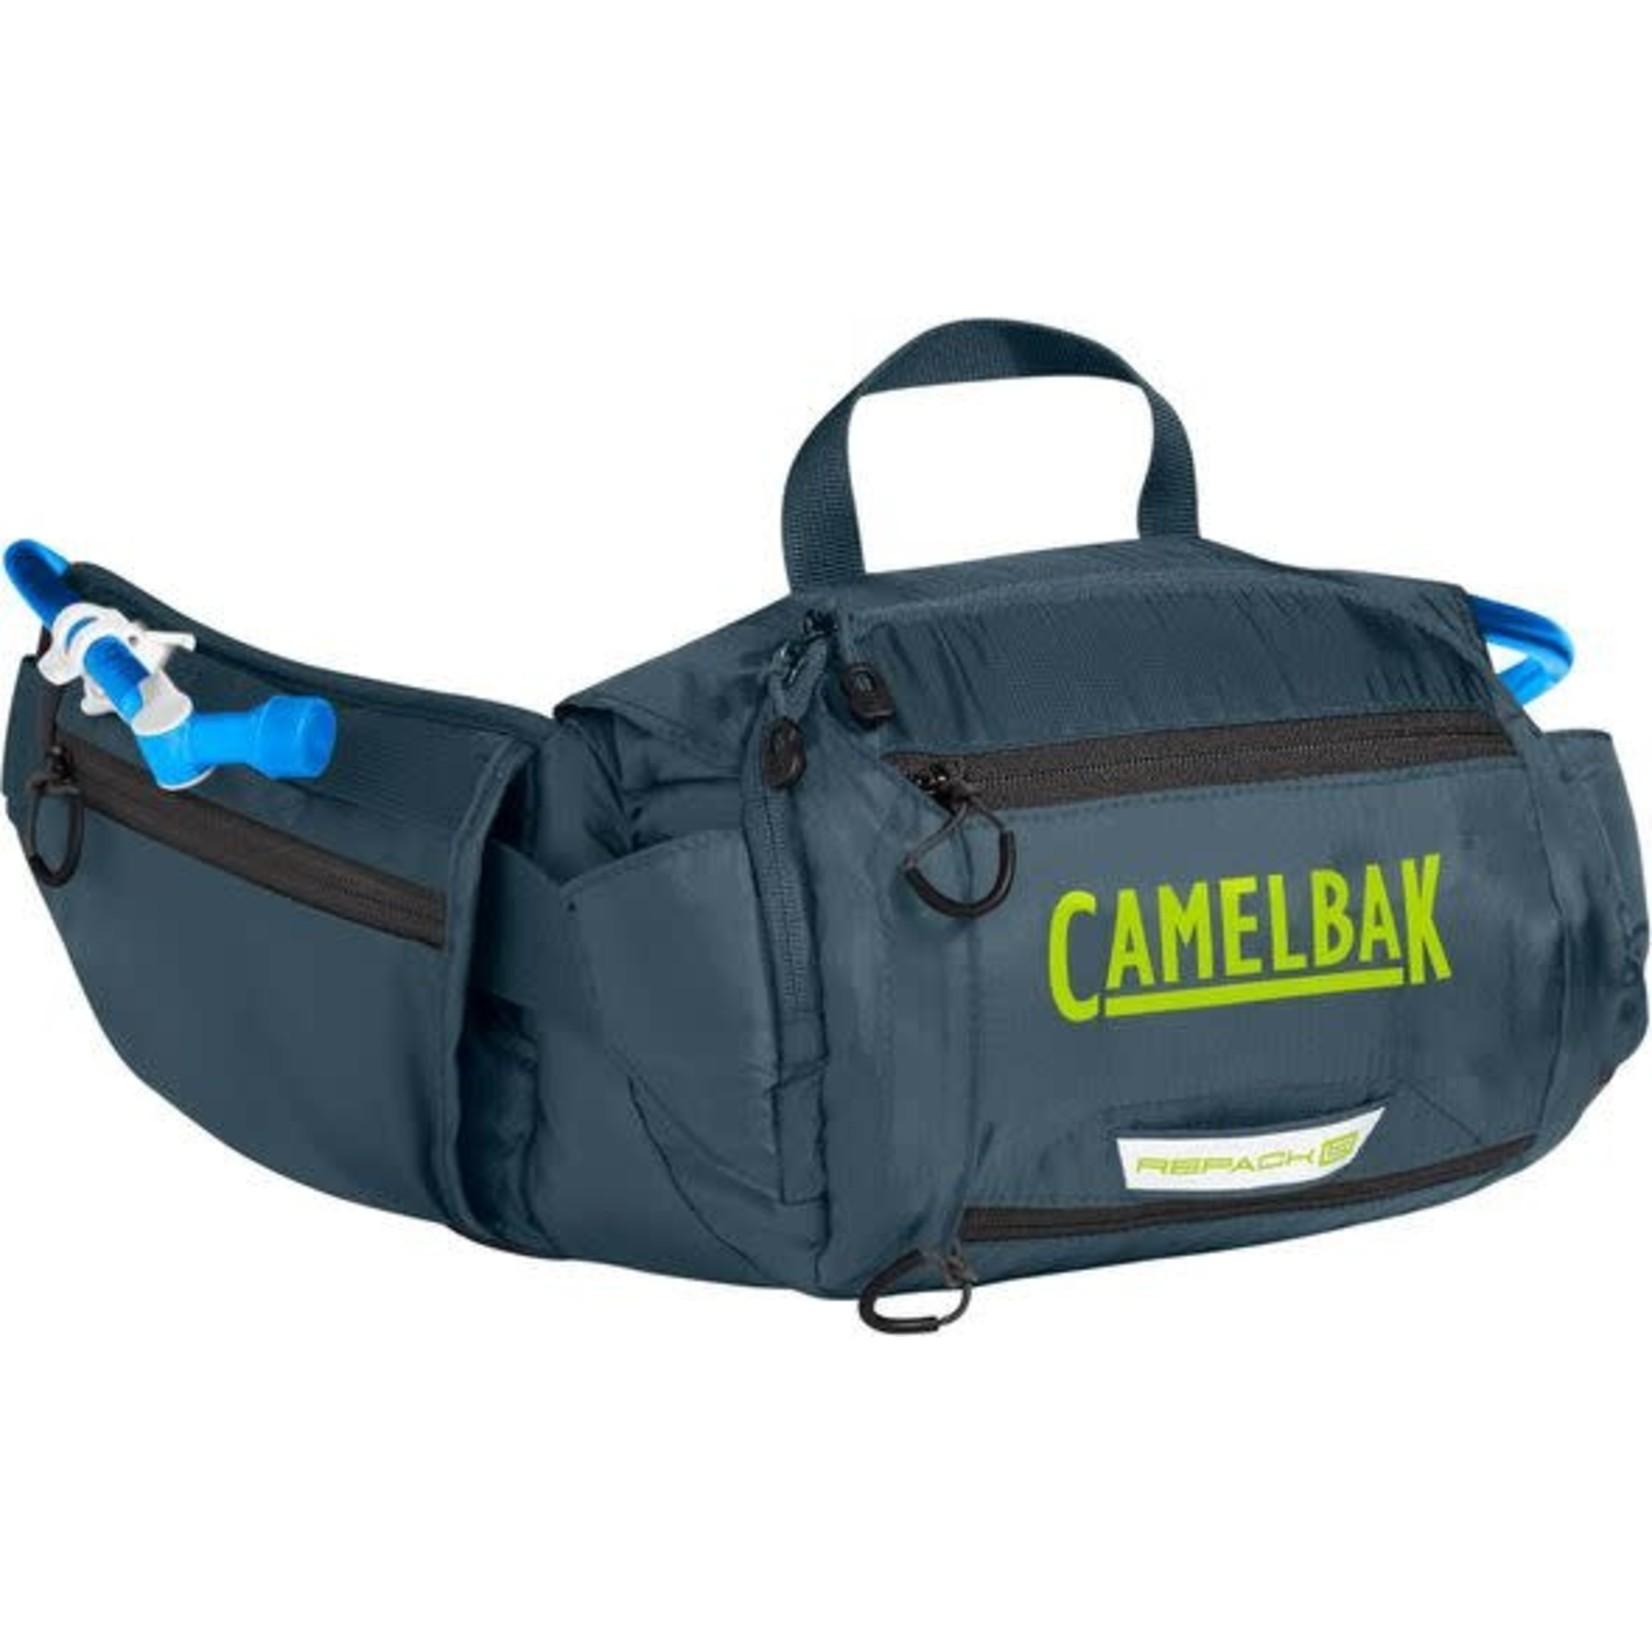 CAMELBAK Hip Pack, Repack LR 4, 50oz, Dark Slate / Lime Punch